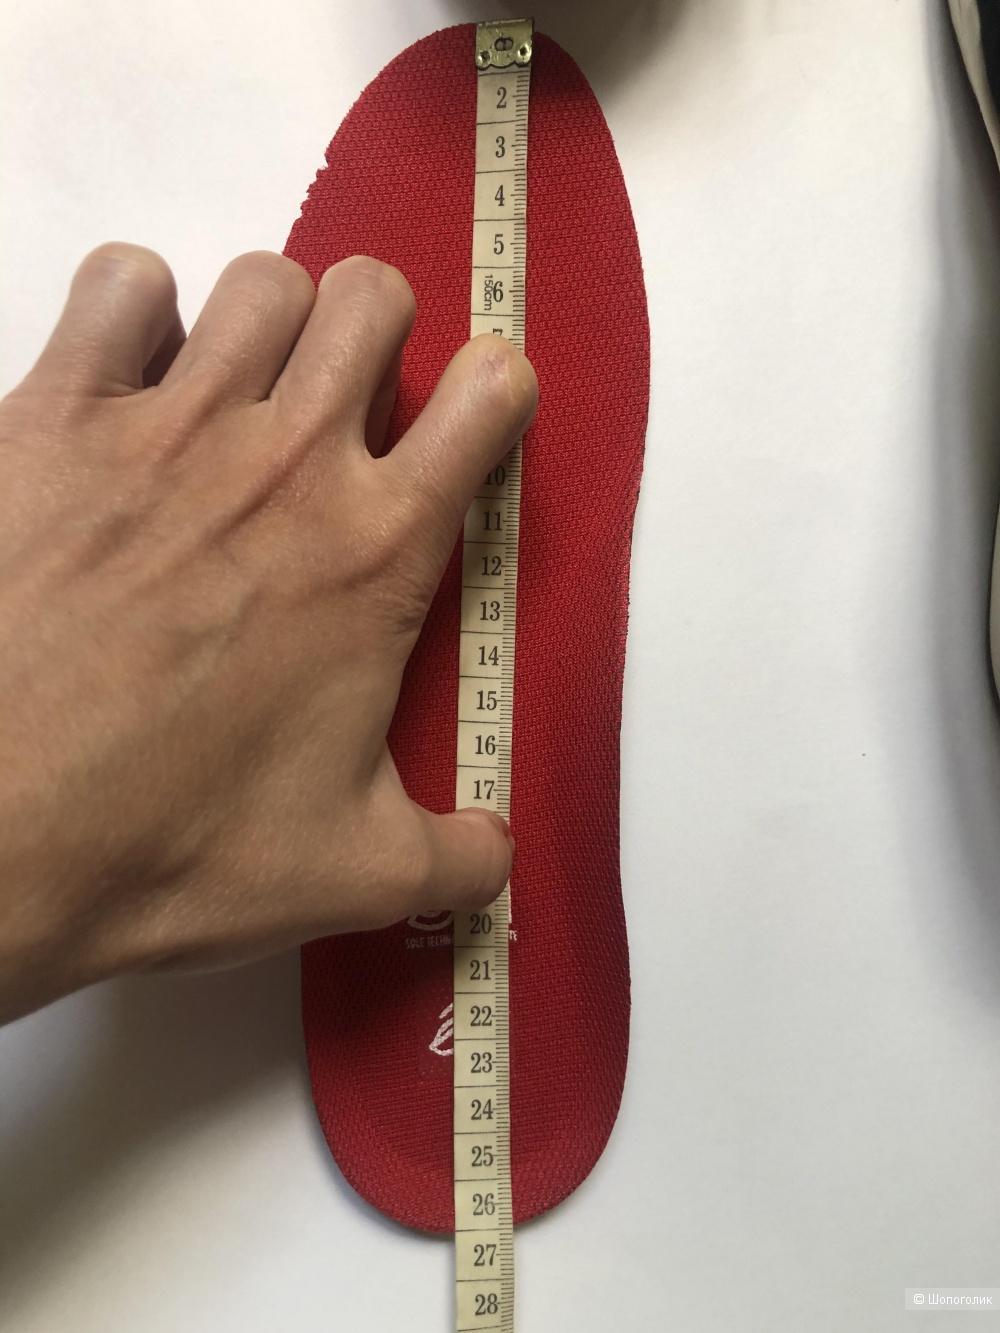 Кеды кроссовки Es размер 41.5, идут на 40